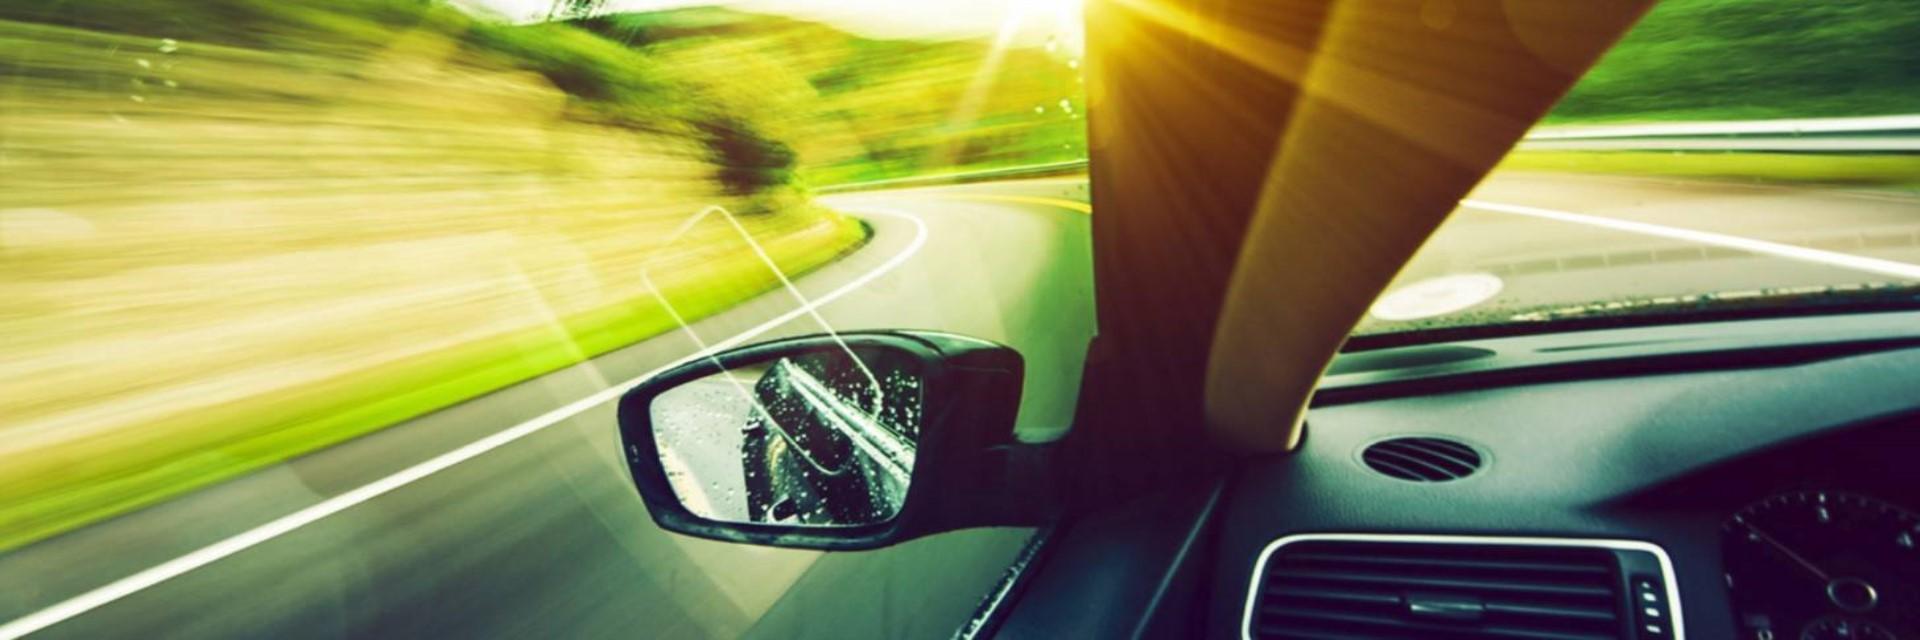 Richiedi preventivi e noleggia il tuo veicolo con un click